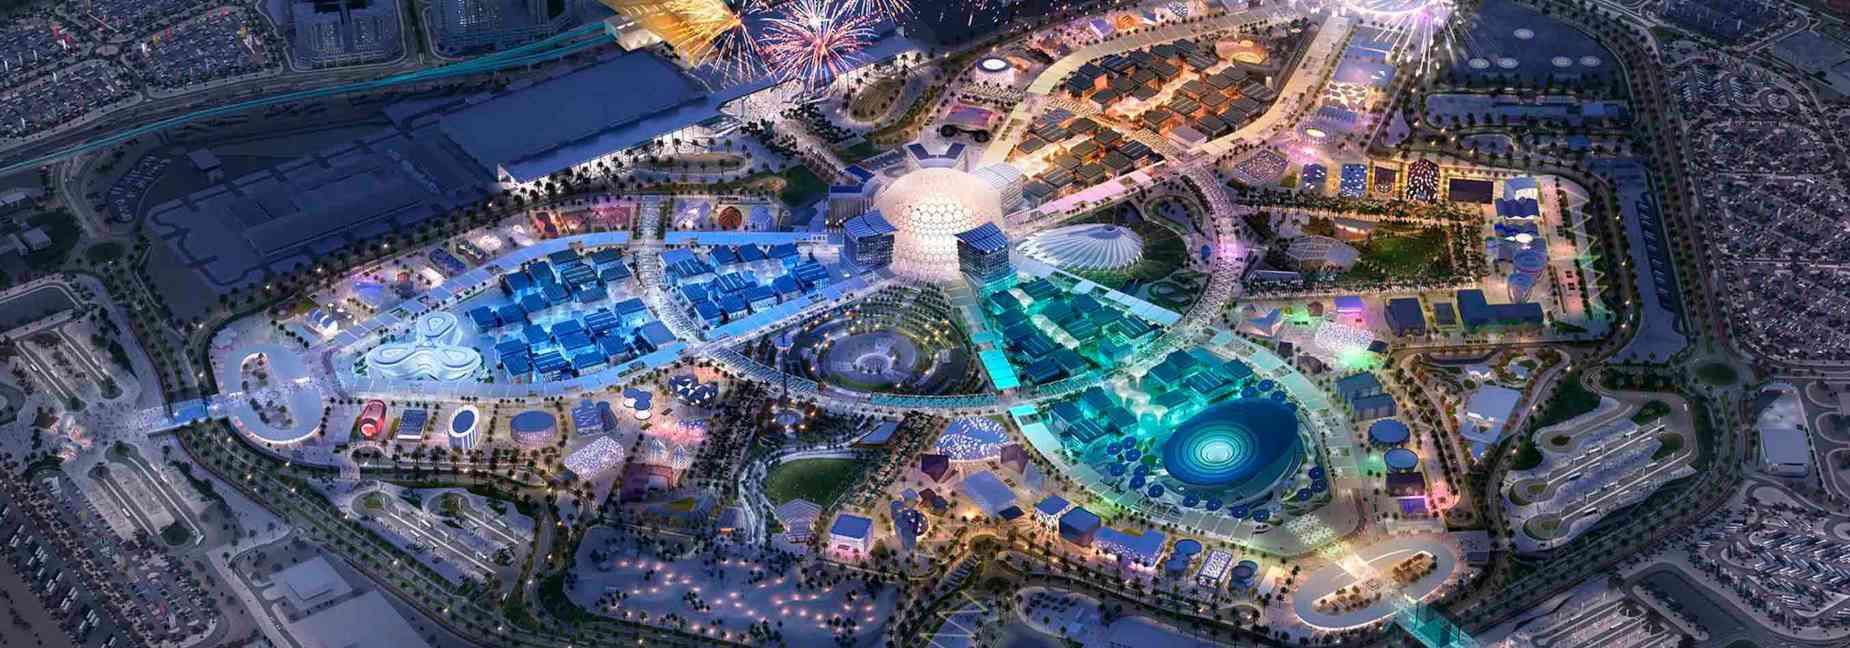 Expo 2020: Sogedim assiste il tuo trasporto in modo completo e sicuro